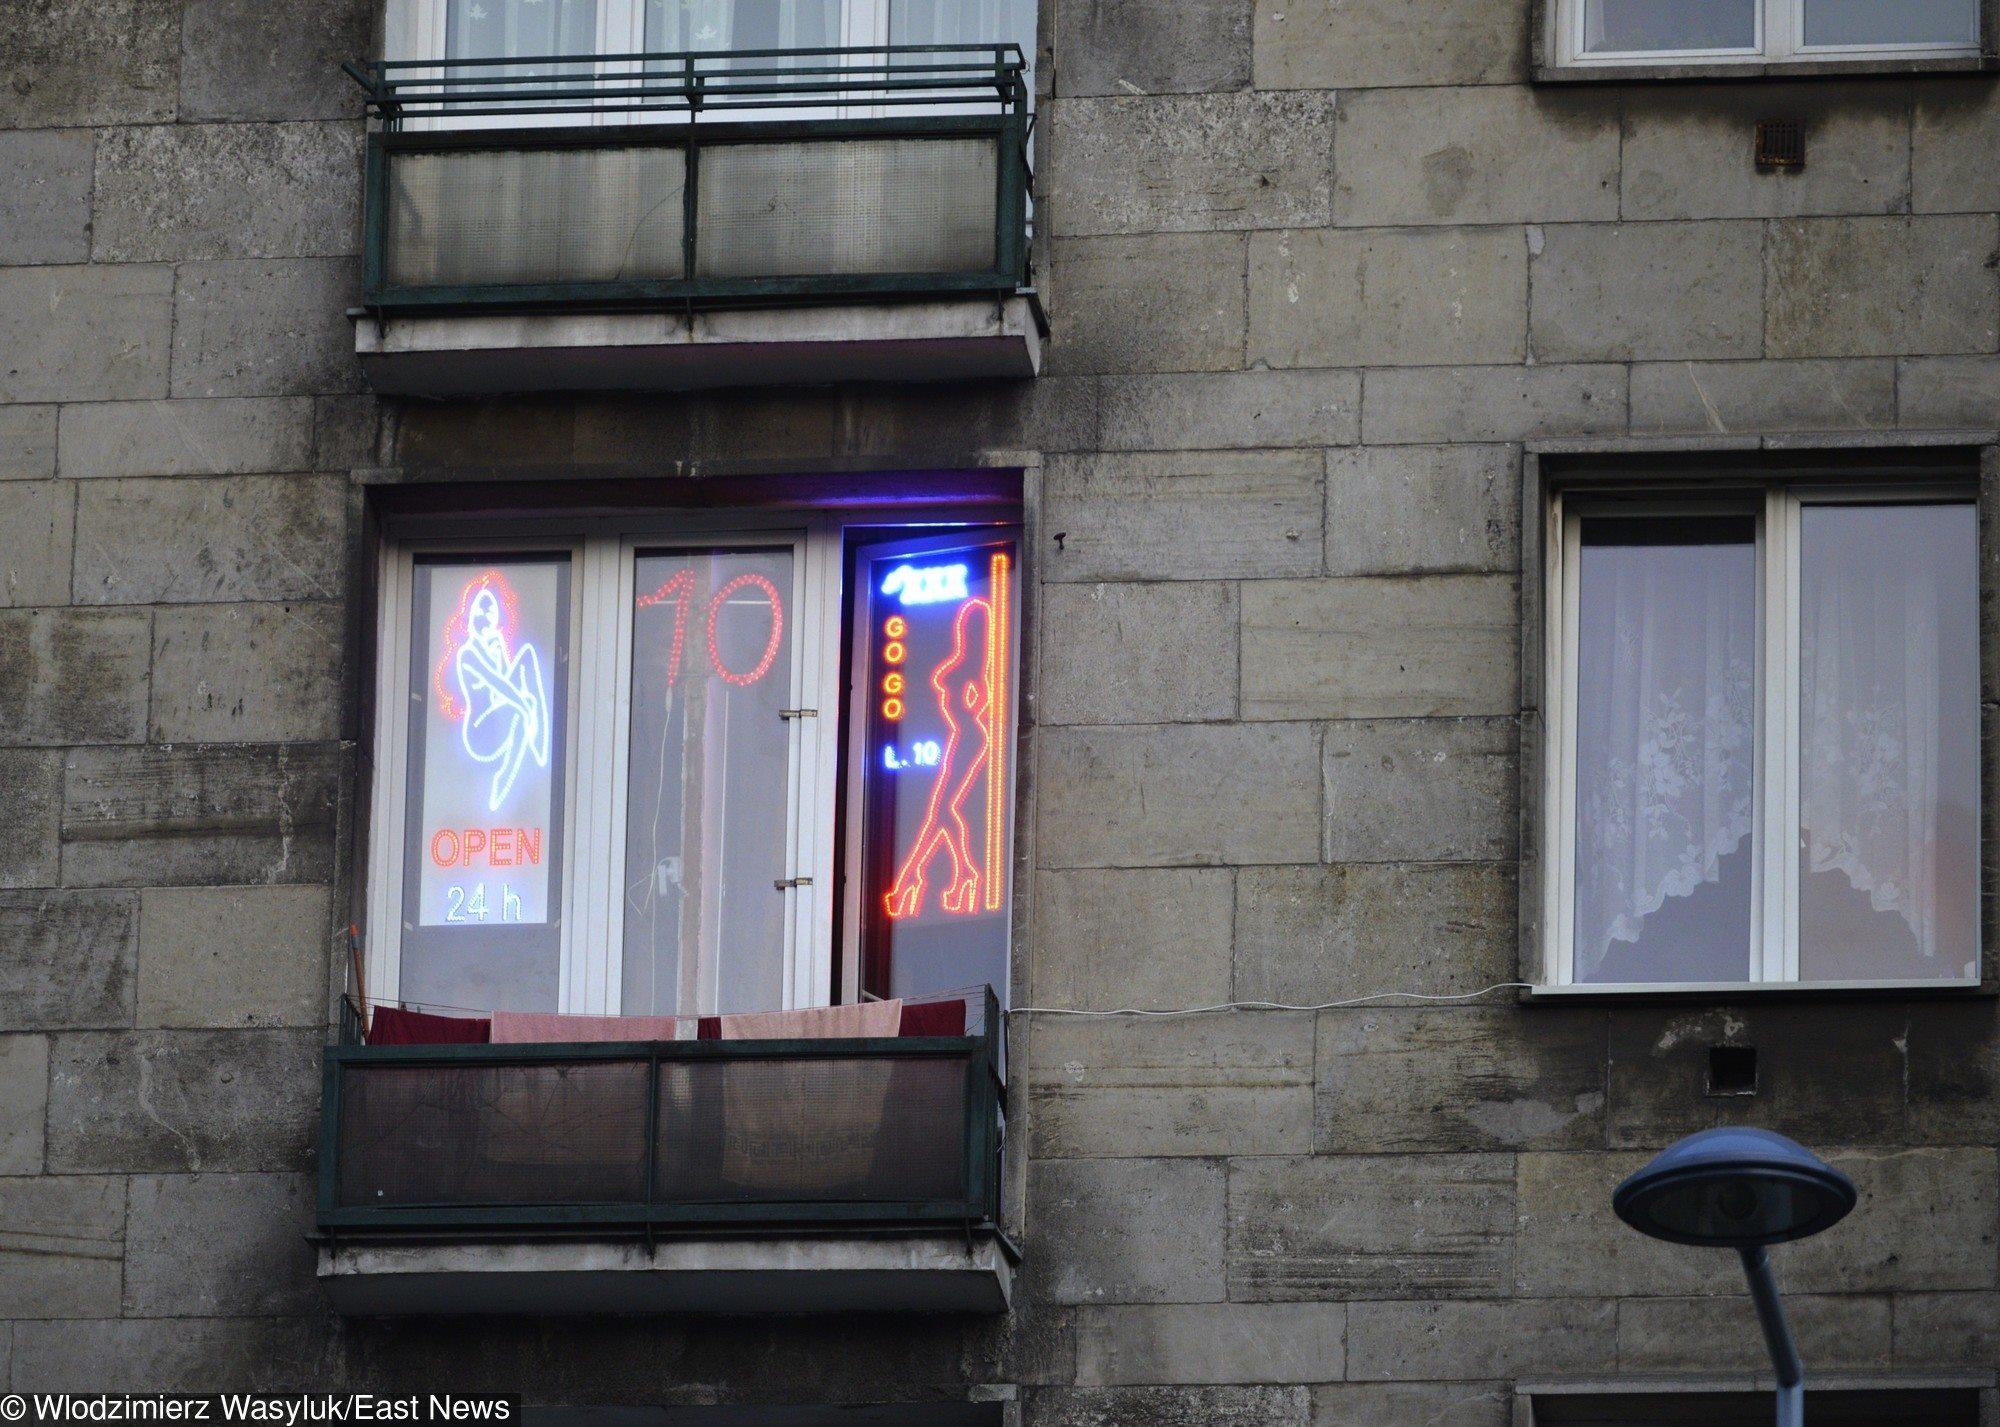 0829331a28480 ... że 24 grudnia do szpitala w Rzeszowie trafił 44-latek z ranami kłutymi  na penisie. Mężczyzna dzień wcześniej umówił się z dwiema prostytutkami.